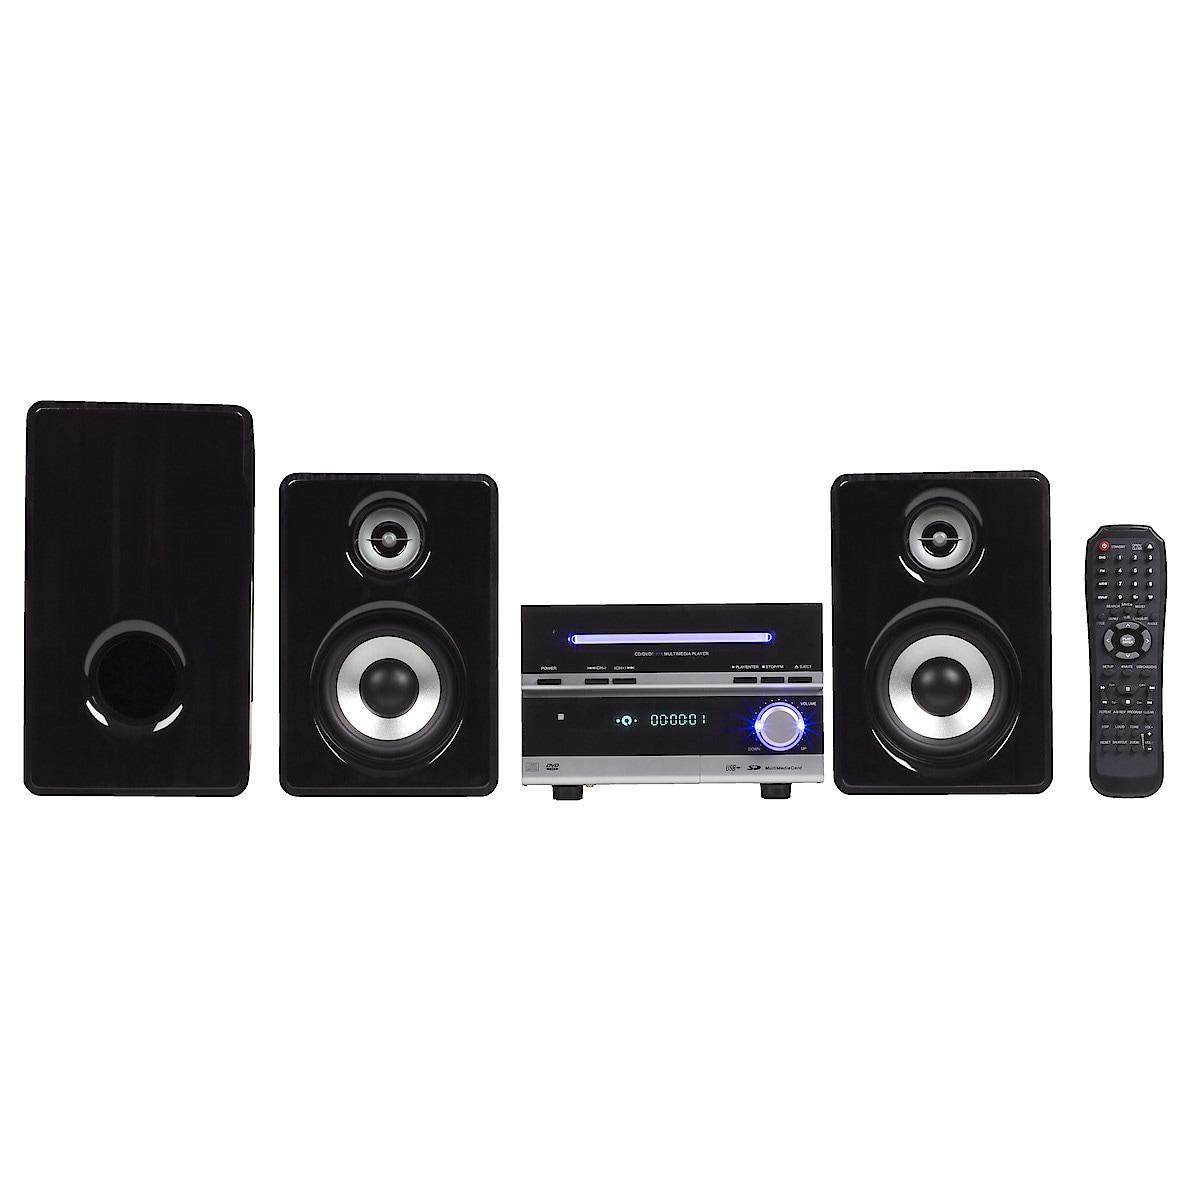 Musikkanlegg med CD/DVD/MP3/MPEG4-spiller